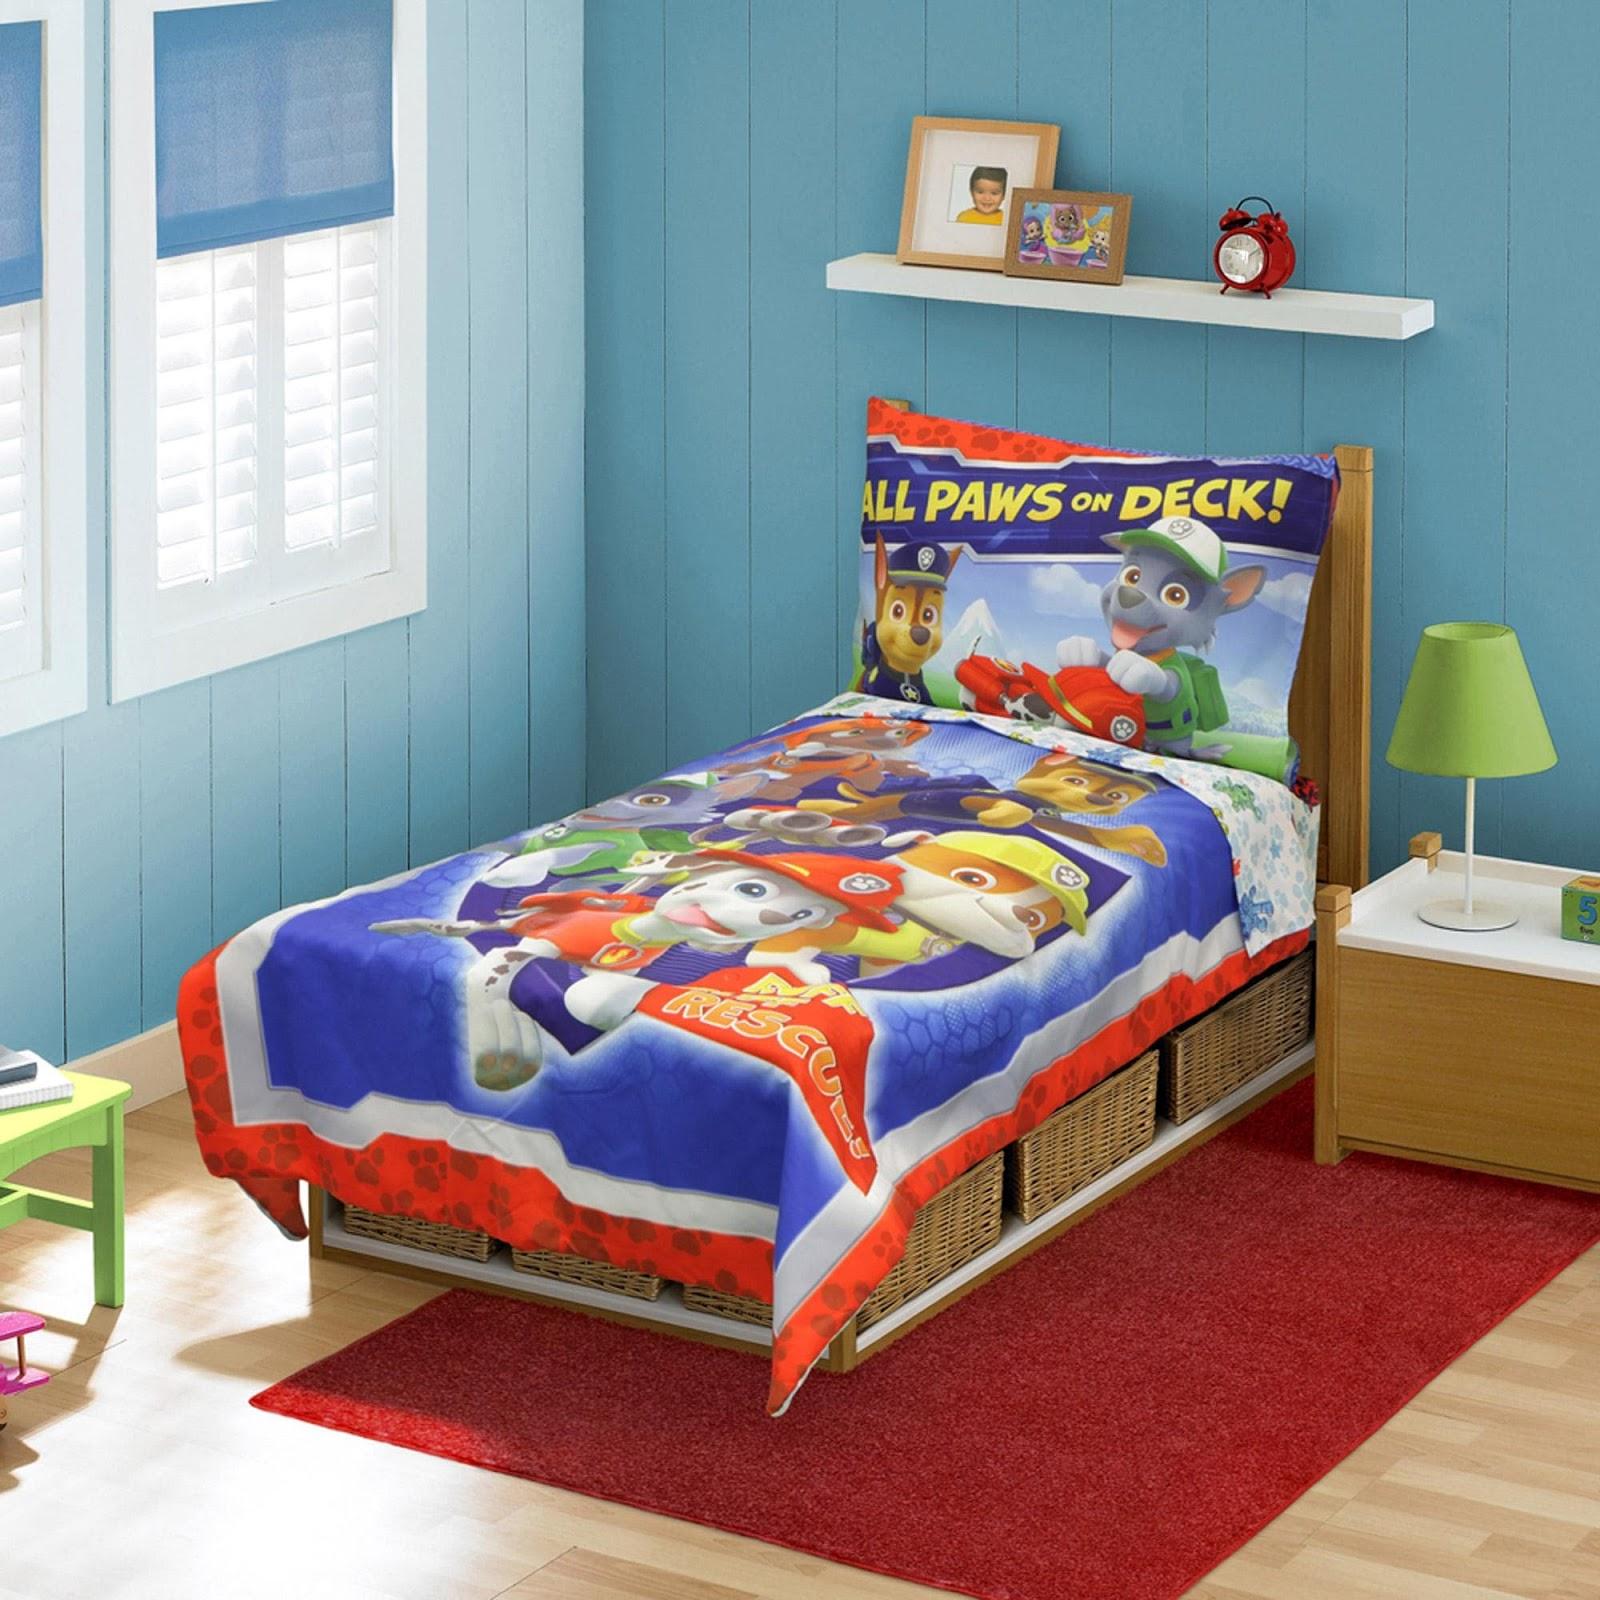 desain kamar tidur anak laki-laki ukuran kecil | desain rumah